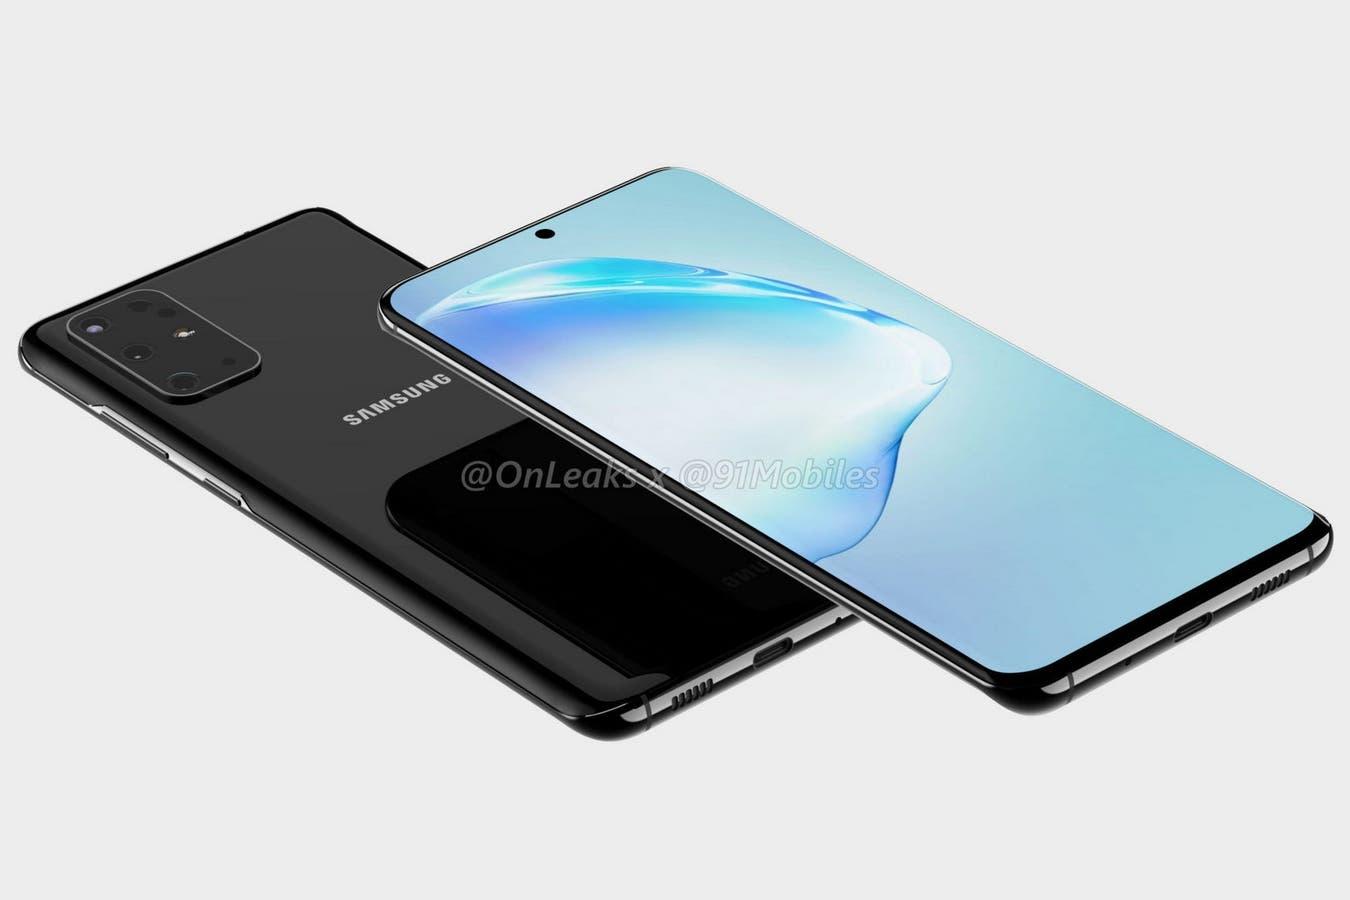 Filtraron fotos del próximo Samsung Galaxy S11